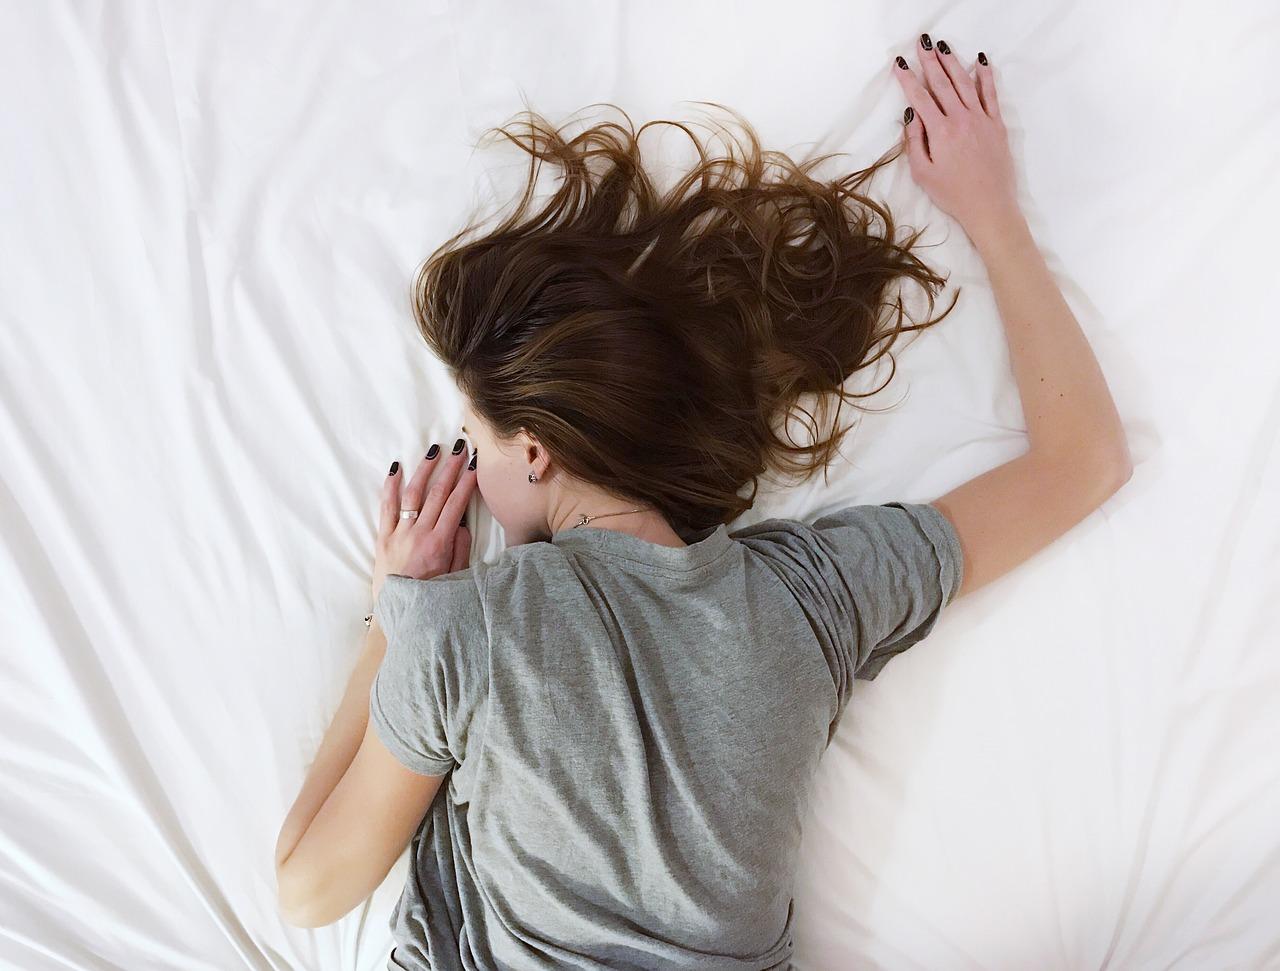 脳にダメージが蓄積? 睡眠負債の原因と予防法・解消法